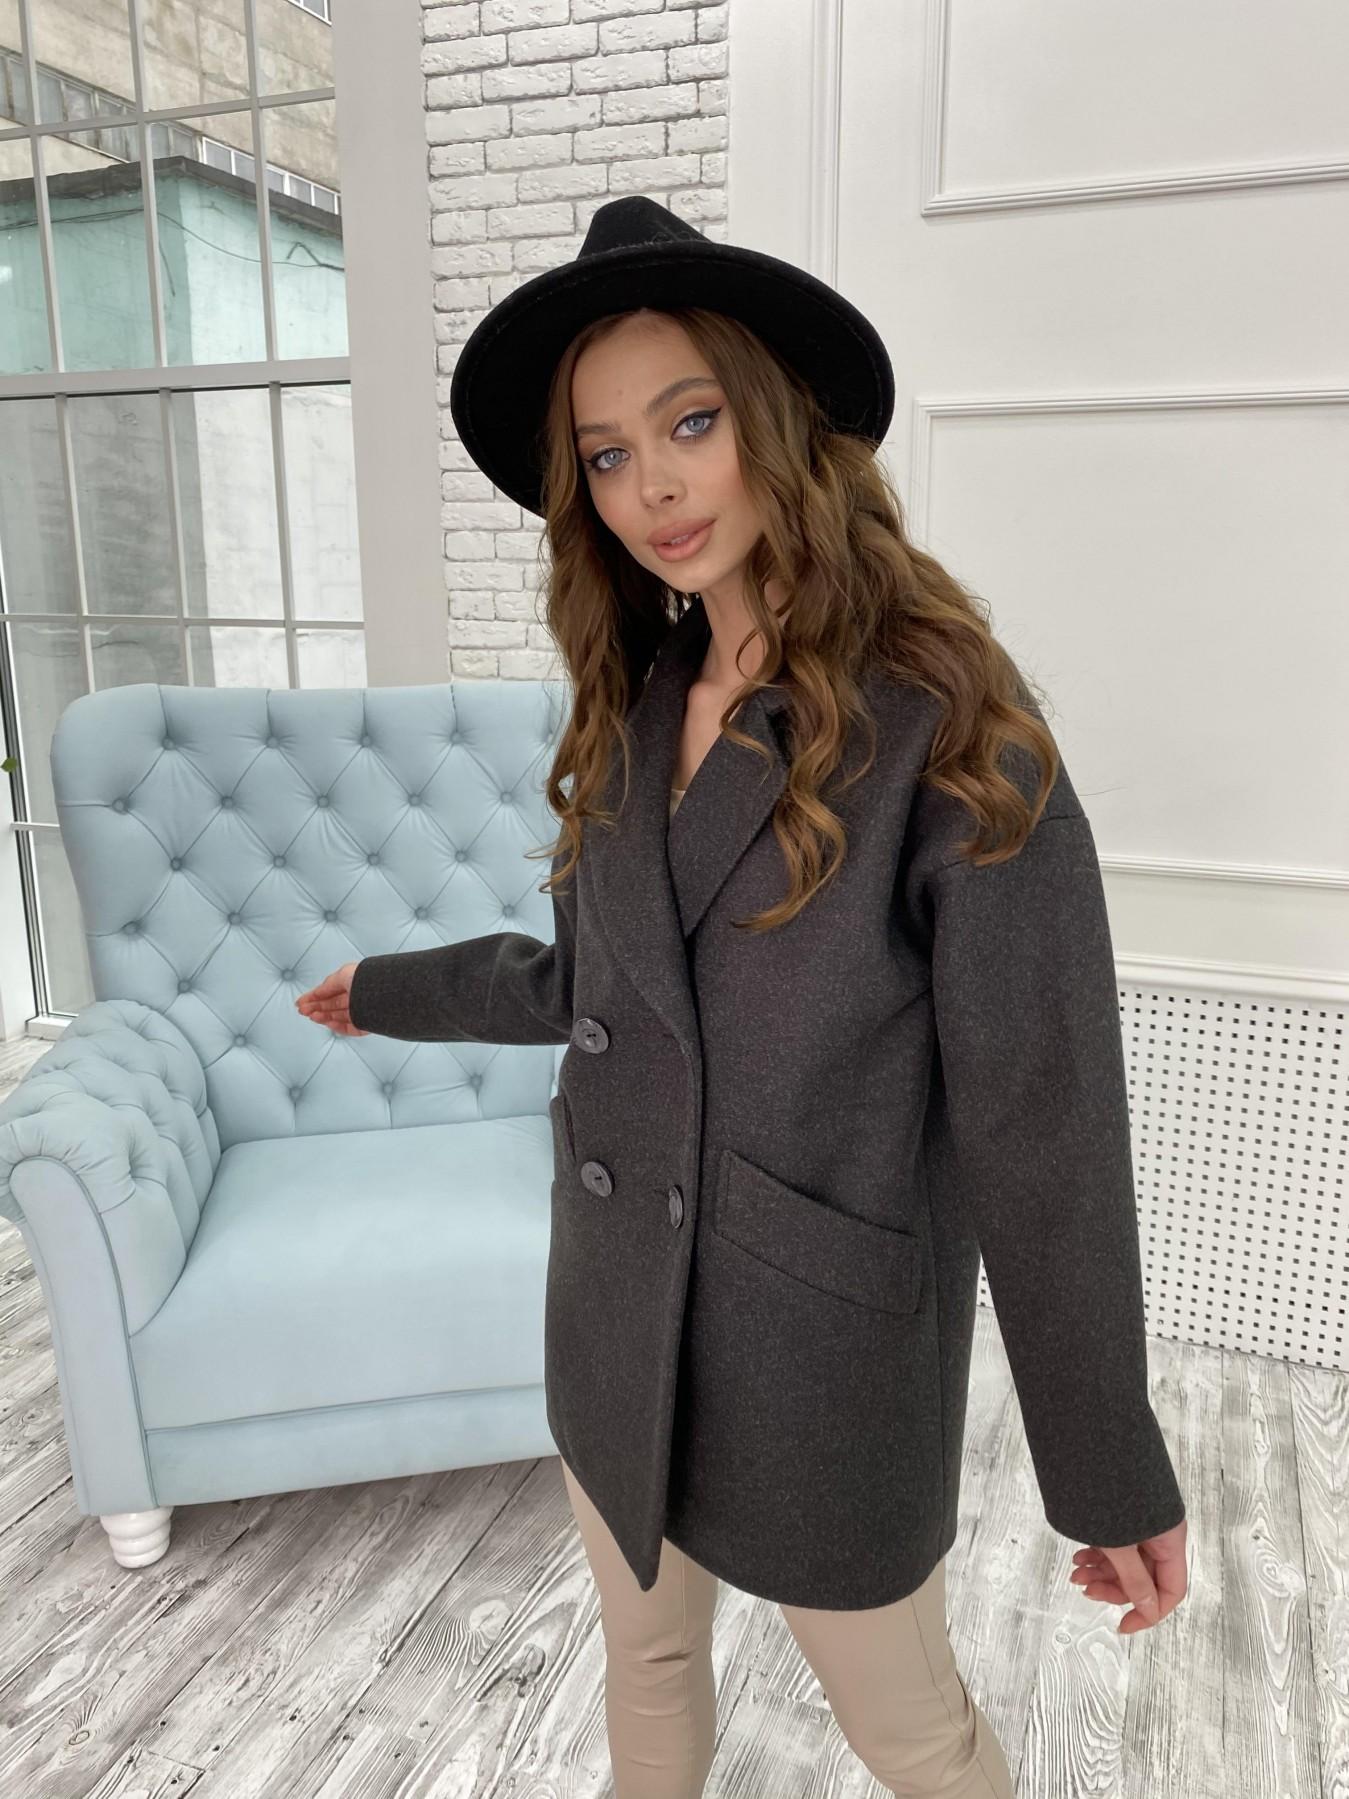 Бонд пальто  кашемировое меланж на трикотаже  10644 АРТ. 47183 Цвет: Черный меланж - фото 2, интернет магазин tm-modus.ru